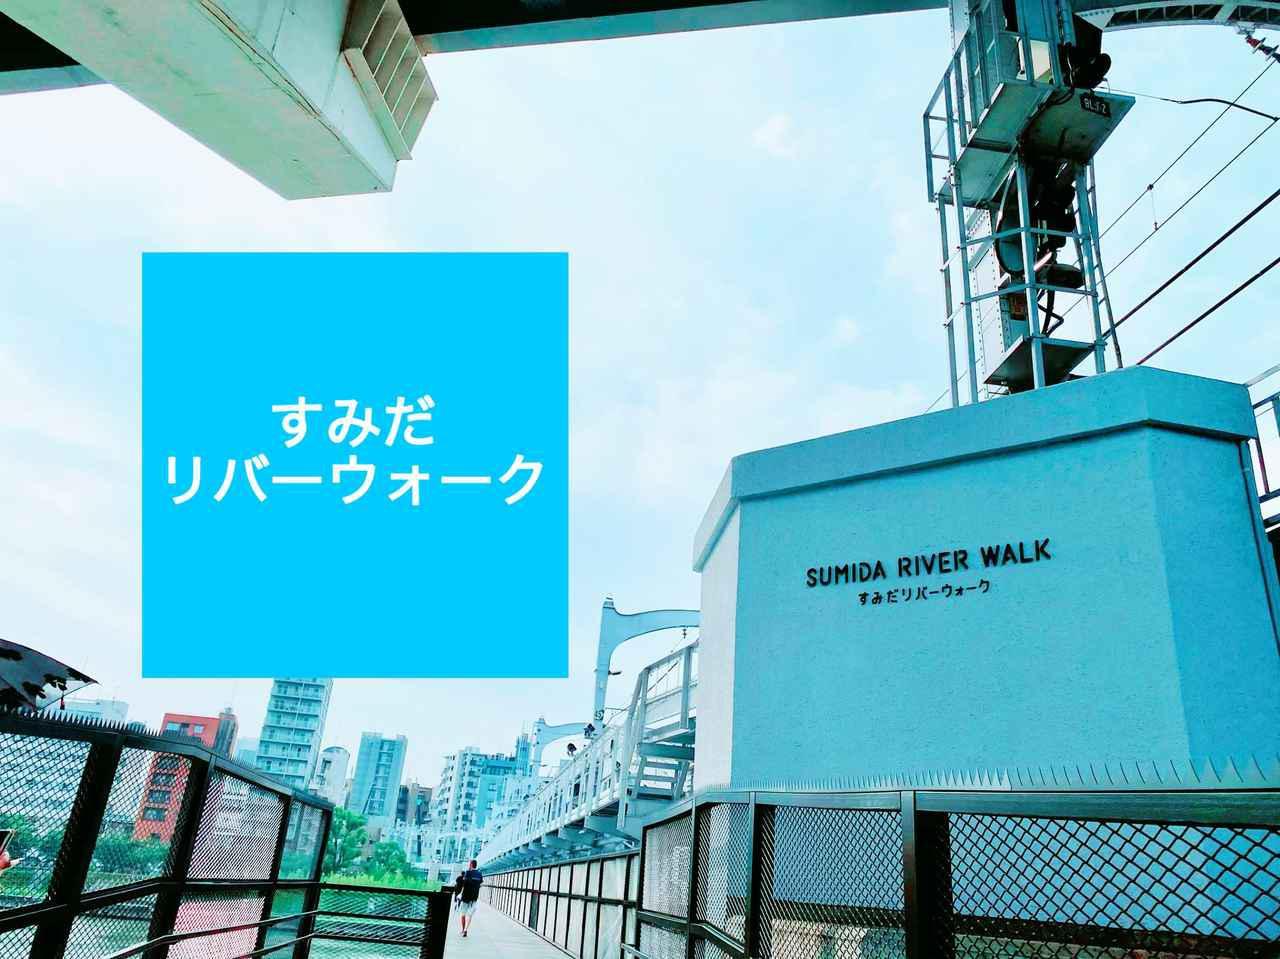 画像: 【新名所】今年開通!「すみだリバーウォーク」を渡ってみよう♪ - senken trend news-最新ファッションニュース